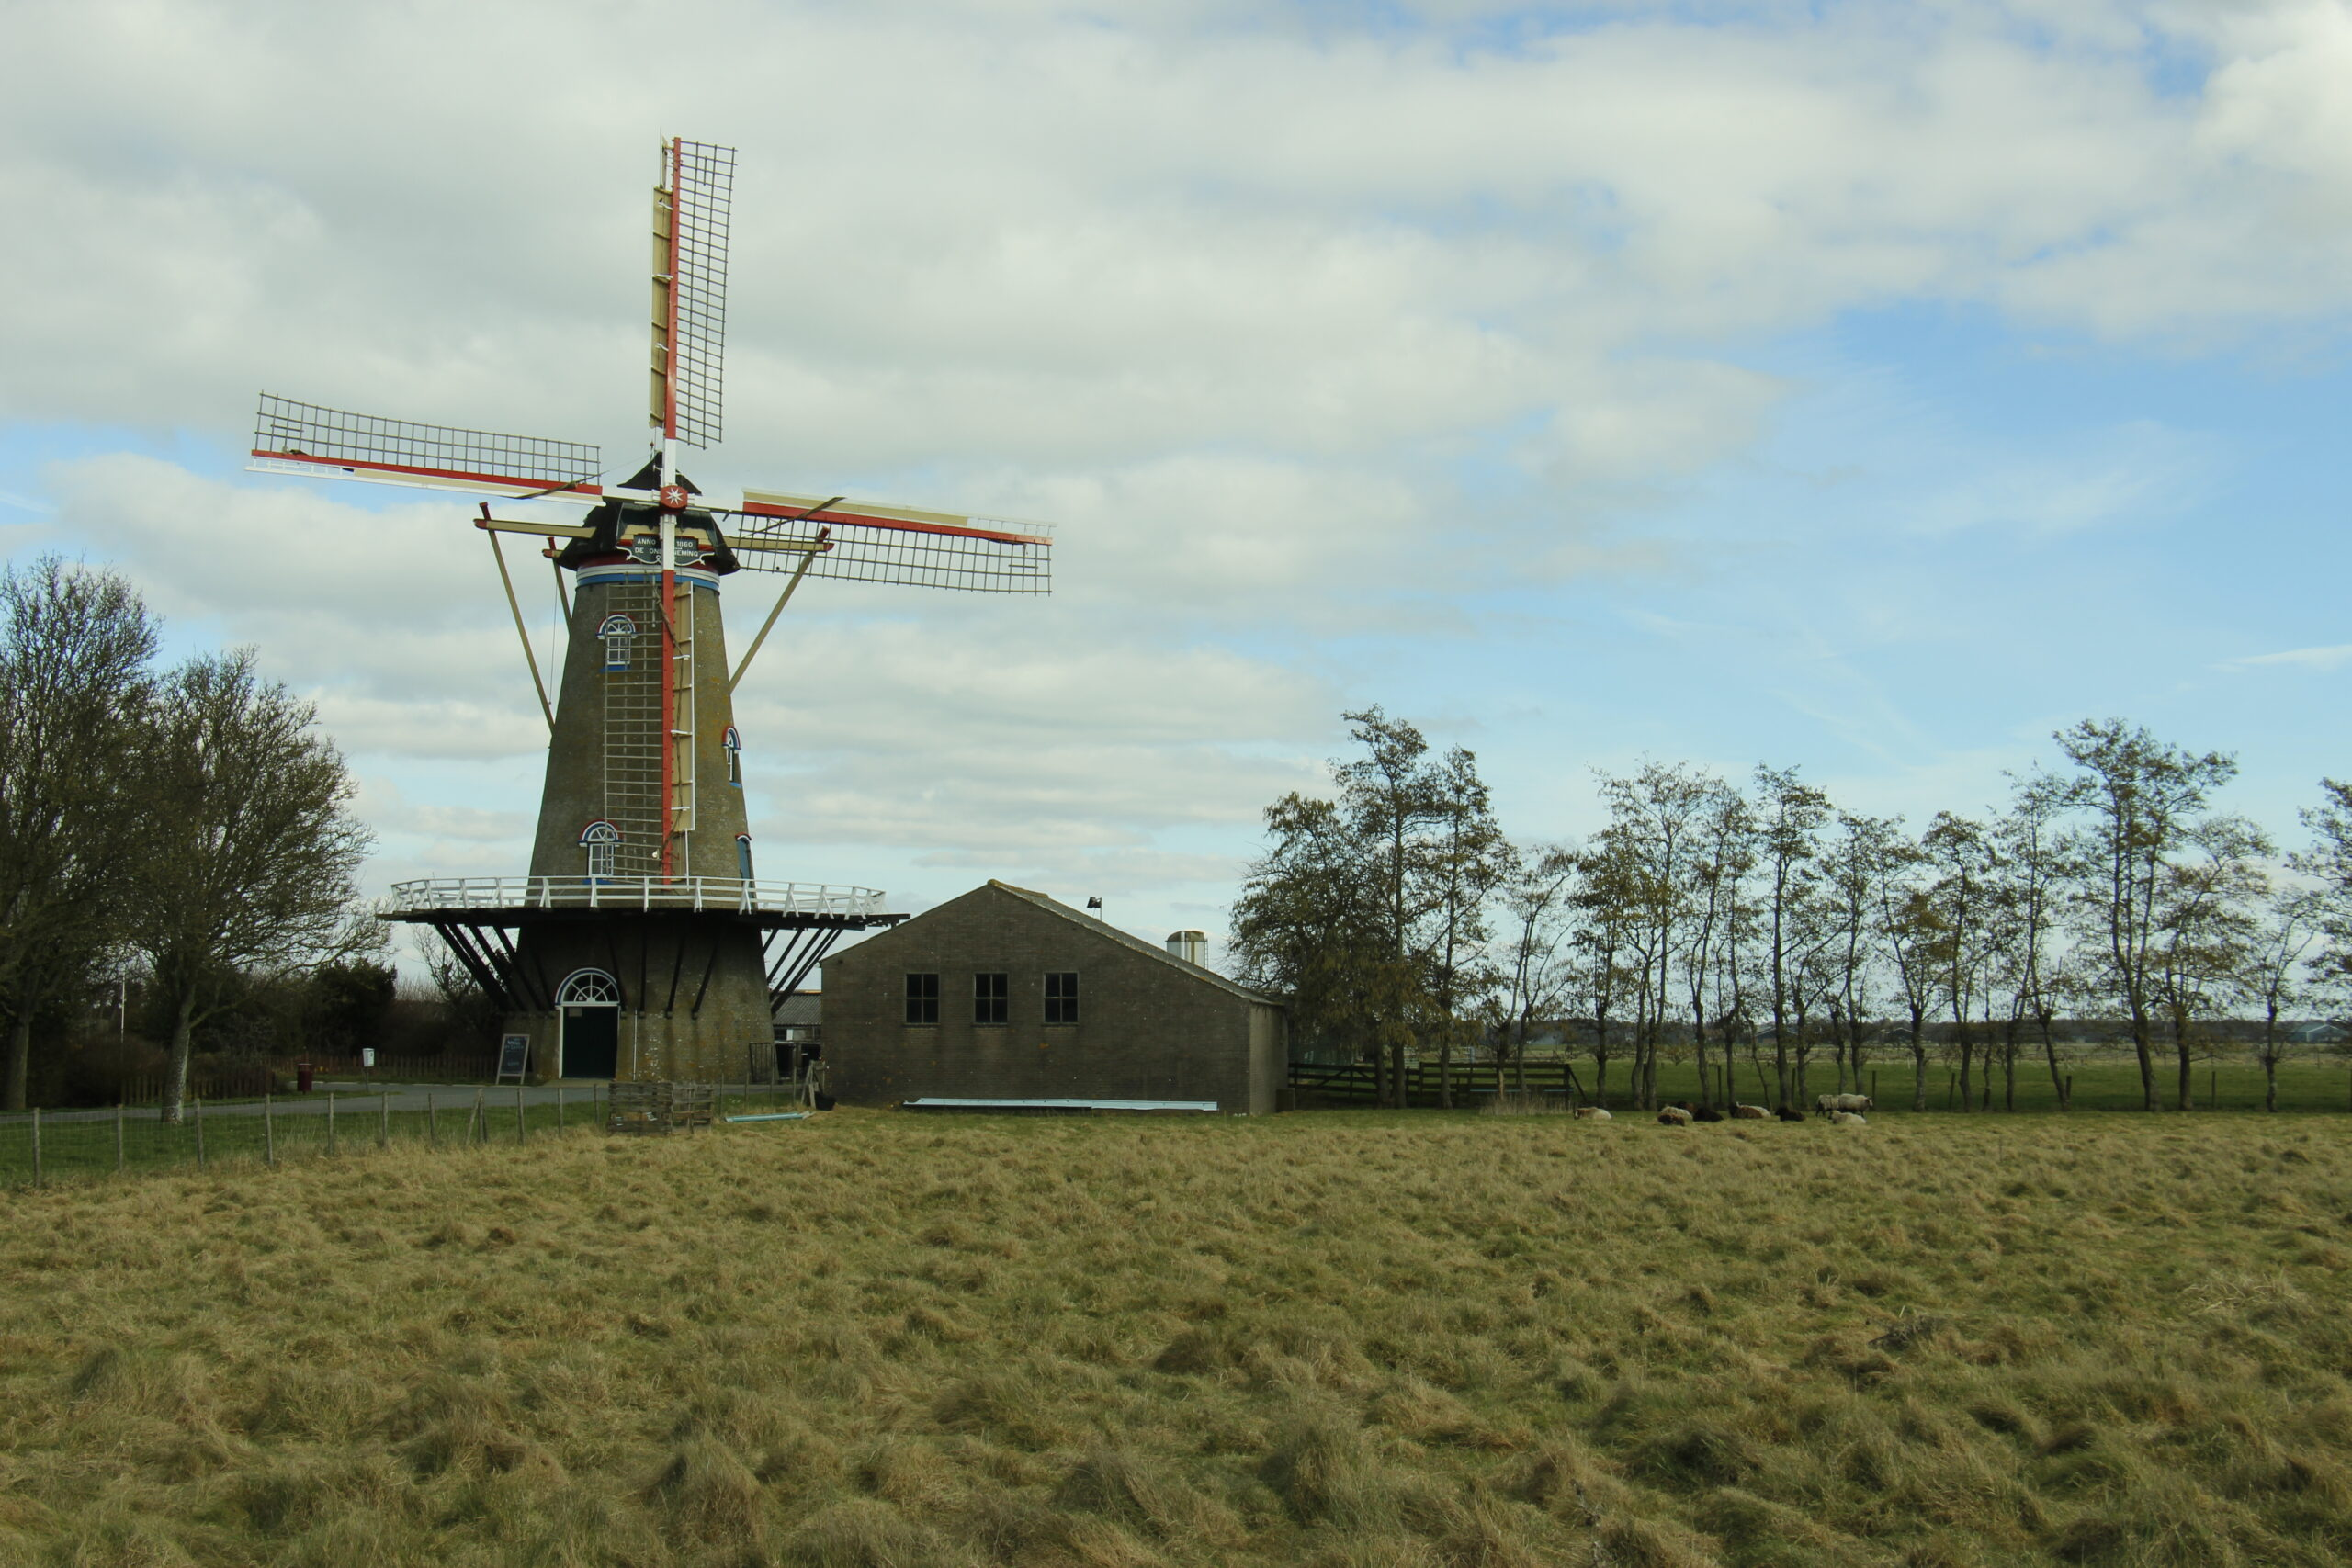 B&B Zeeuwse Zot - Wissenkerke molen